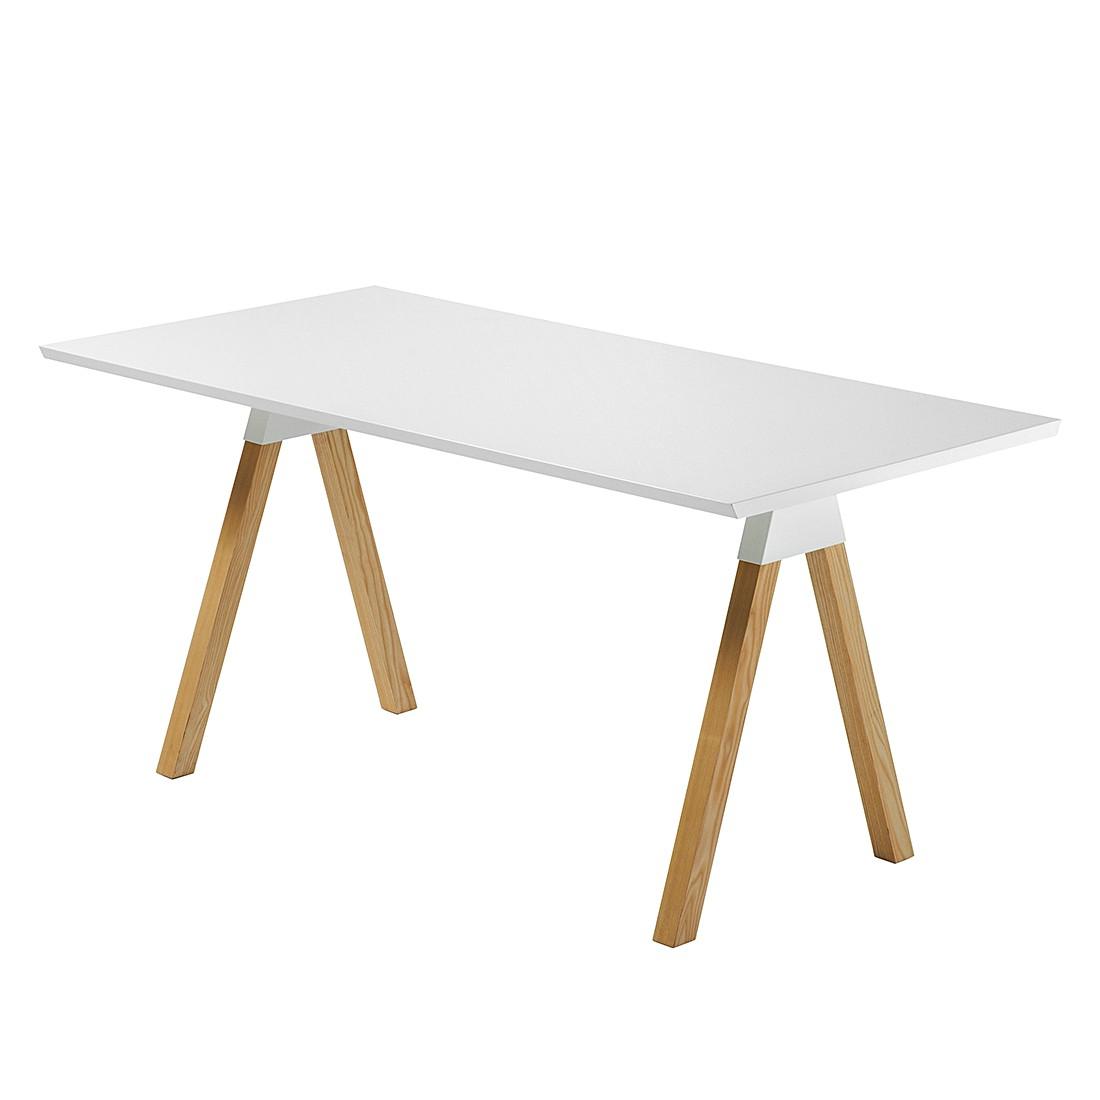 Table à manger Manasse - Frêne partiellement massif Blanc /, Norrwood